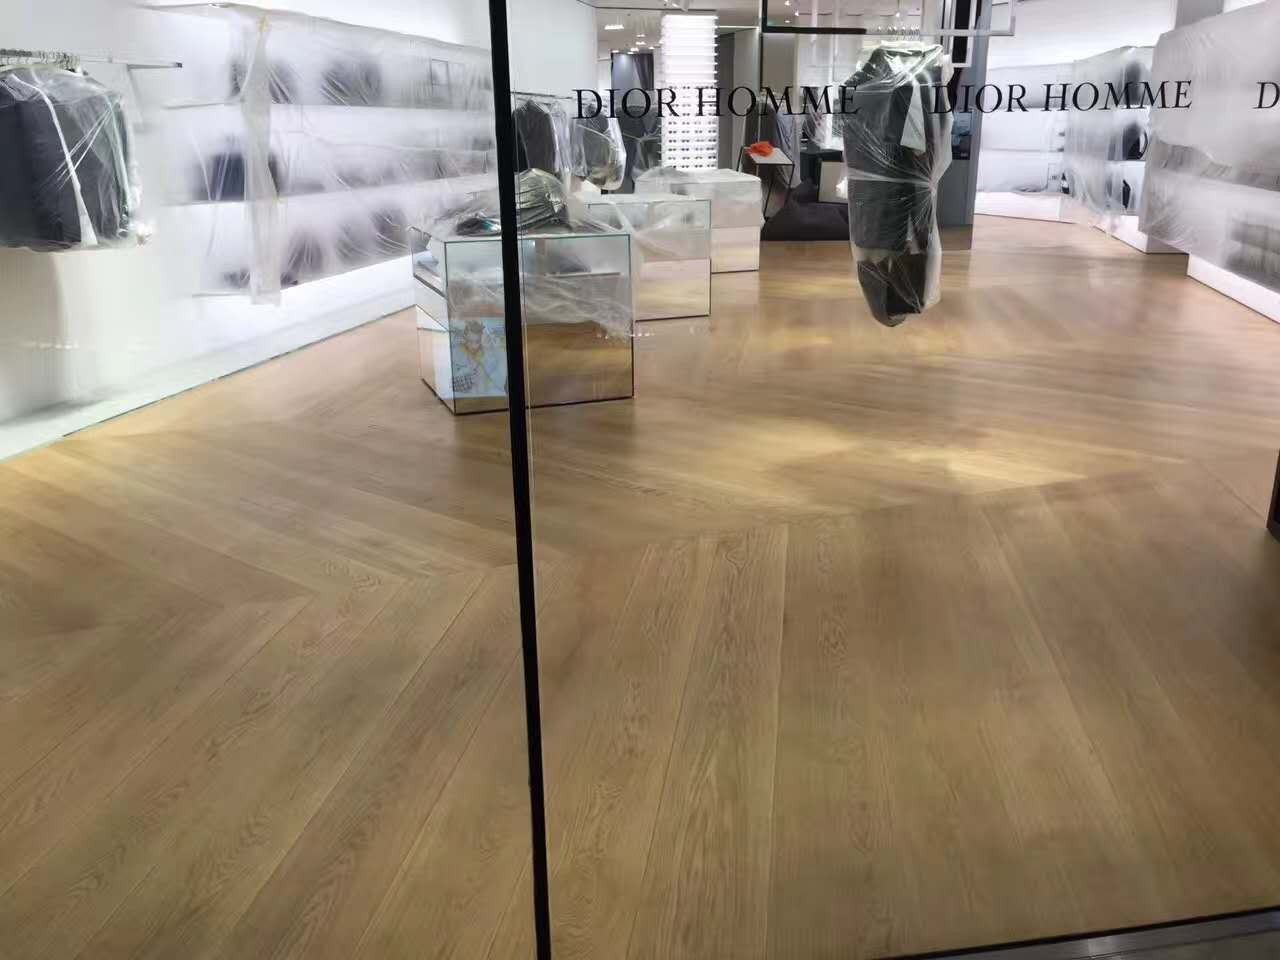 Dior商铺翻新效果图